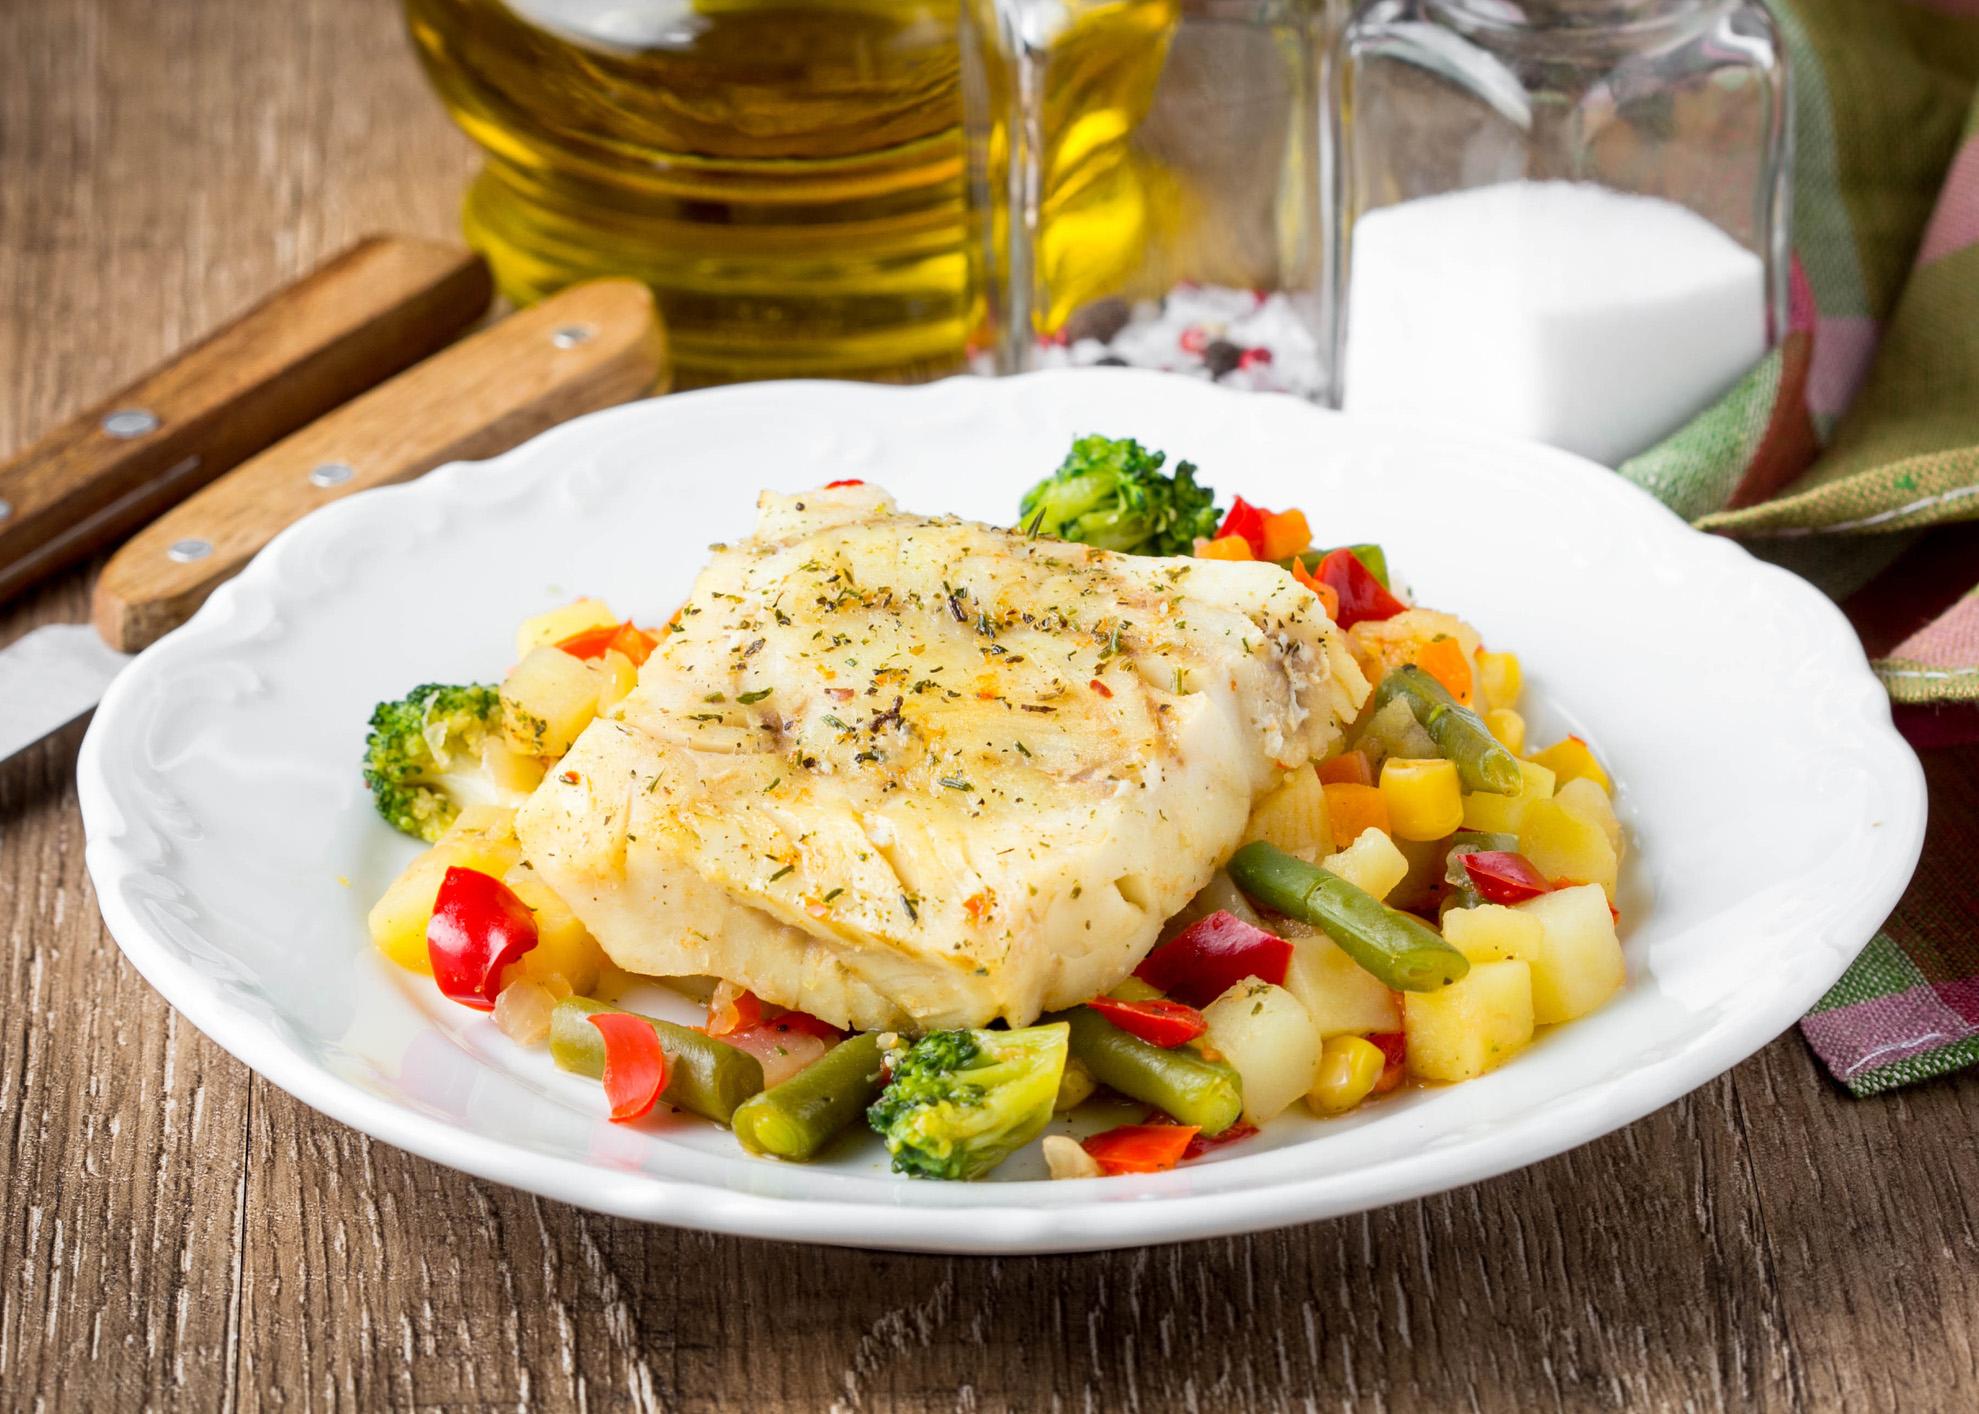 filetes de peixe-espada com legumes